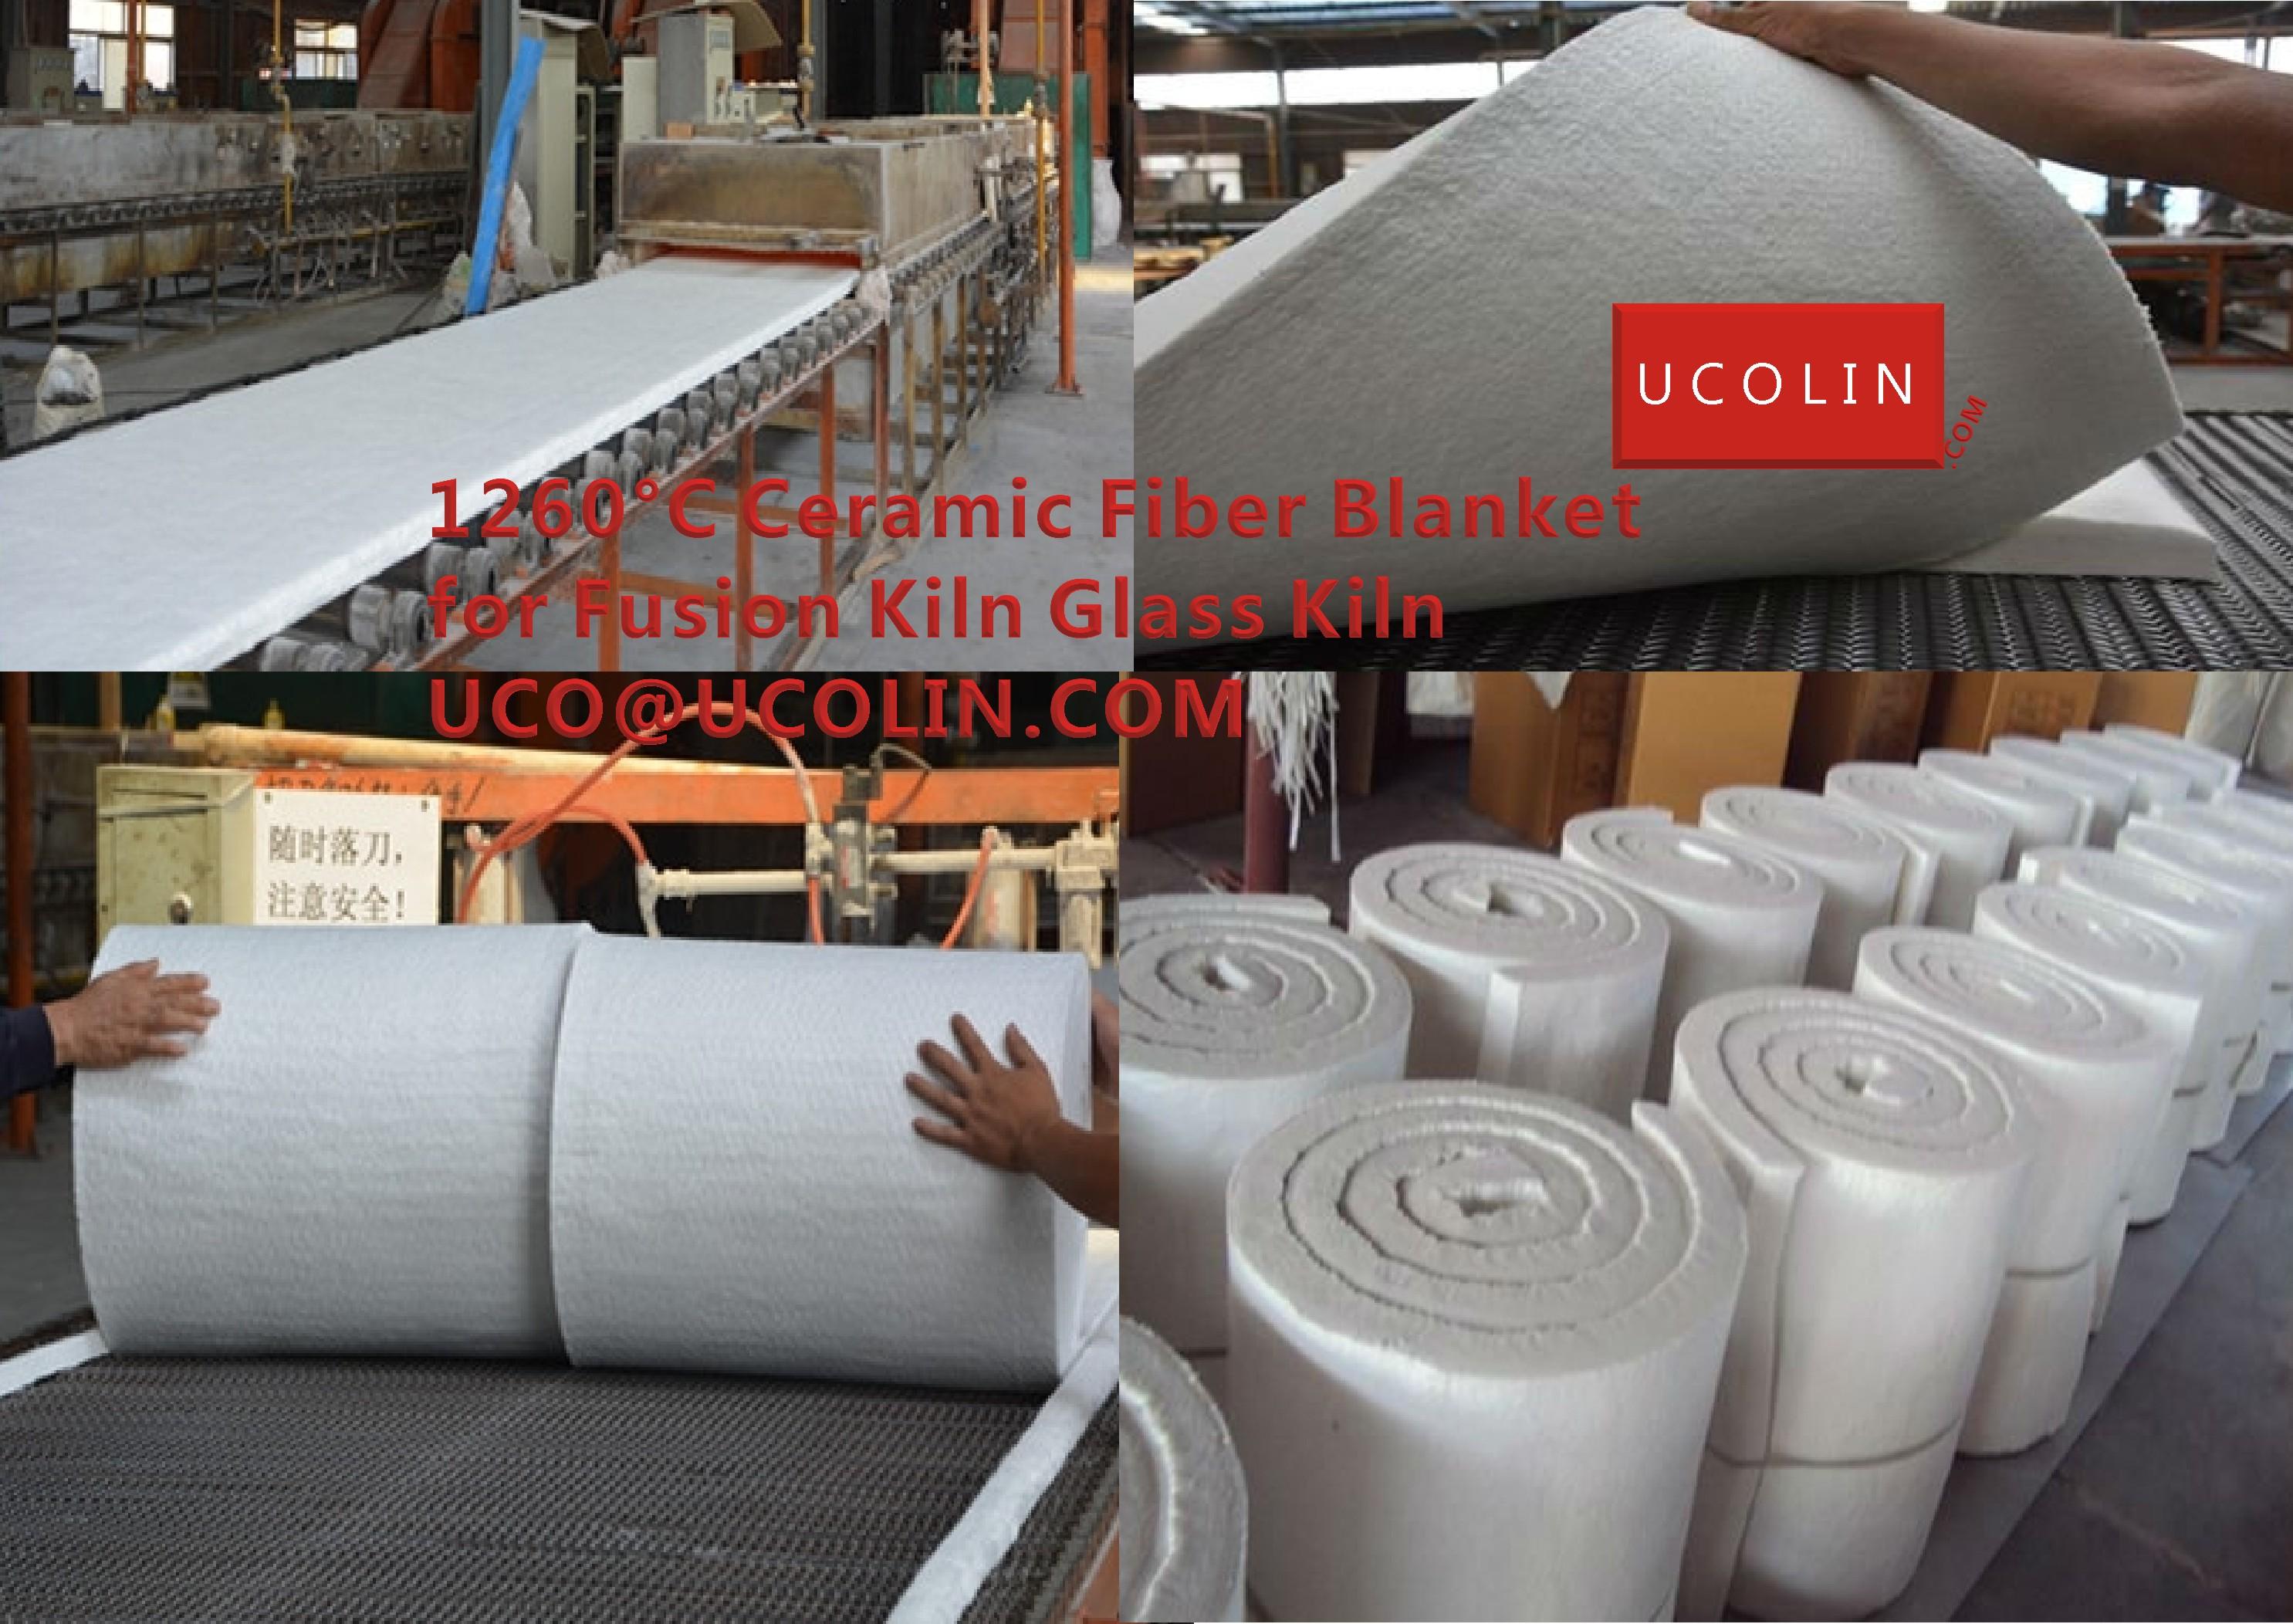 1260°C Ceramic Fiber Blanket for Fusion Kiln Glass Kiln